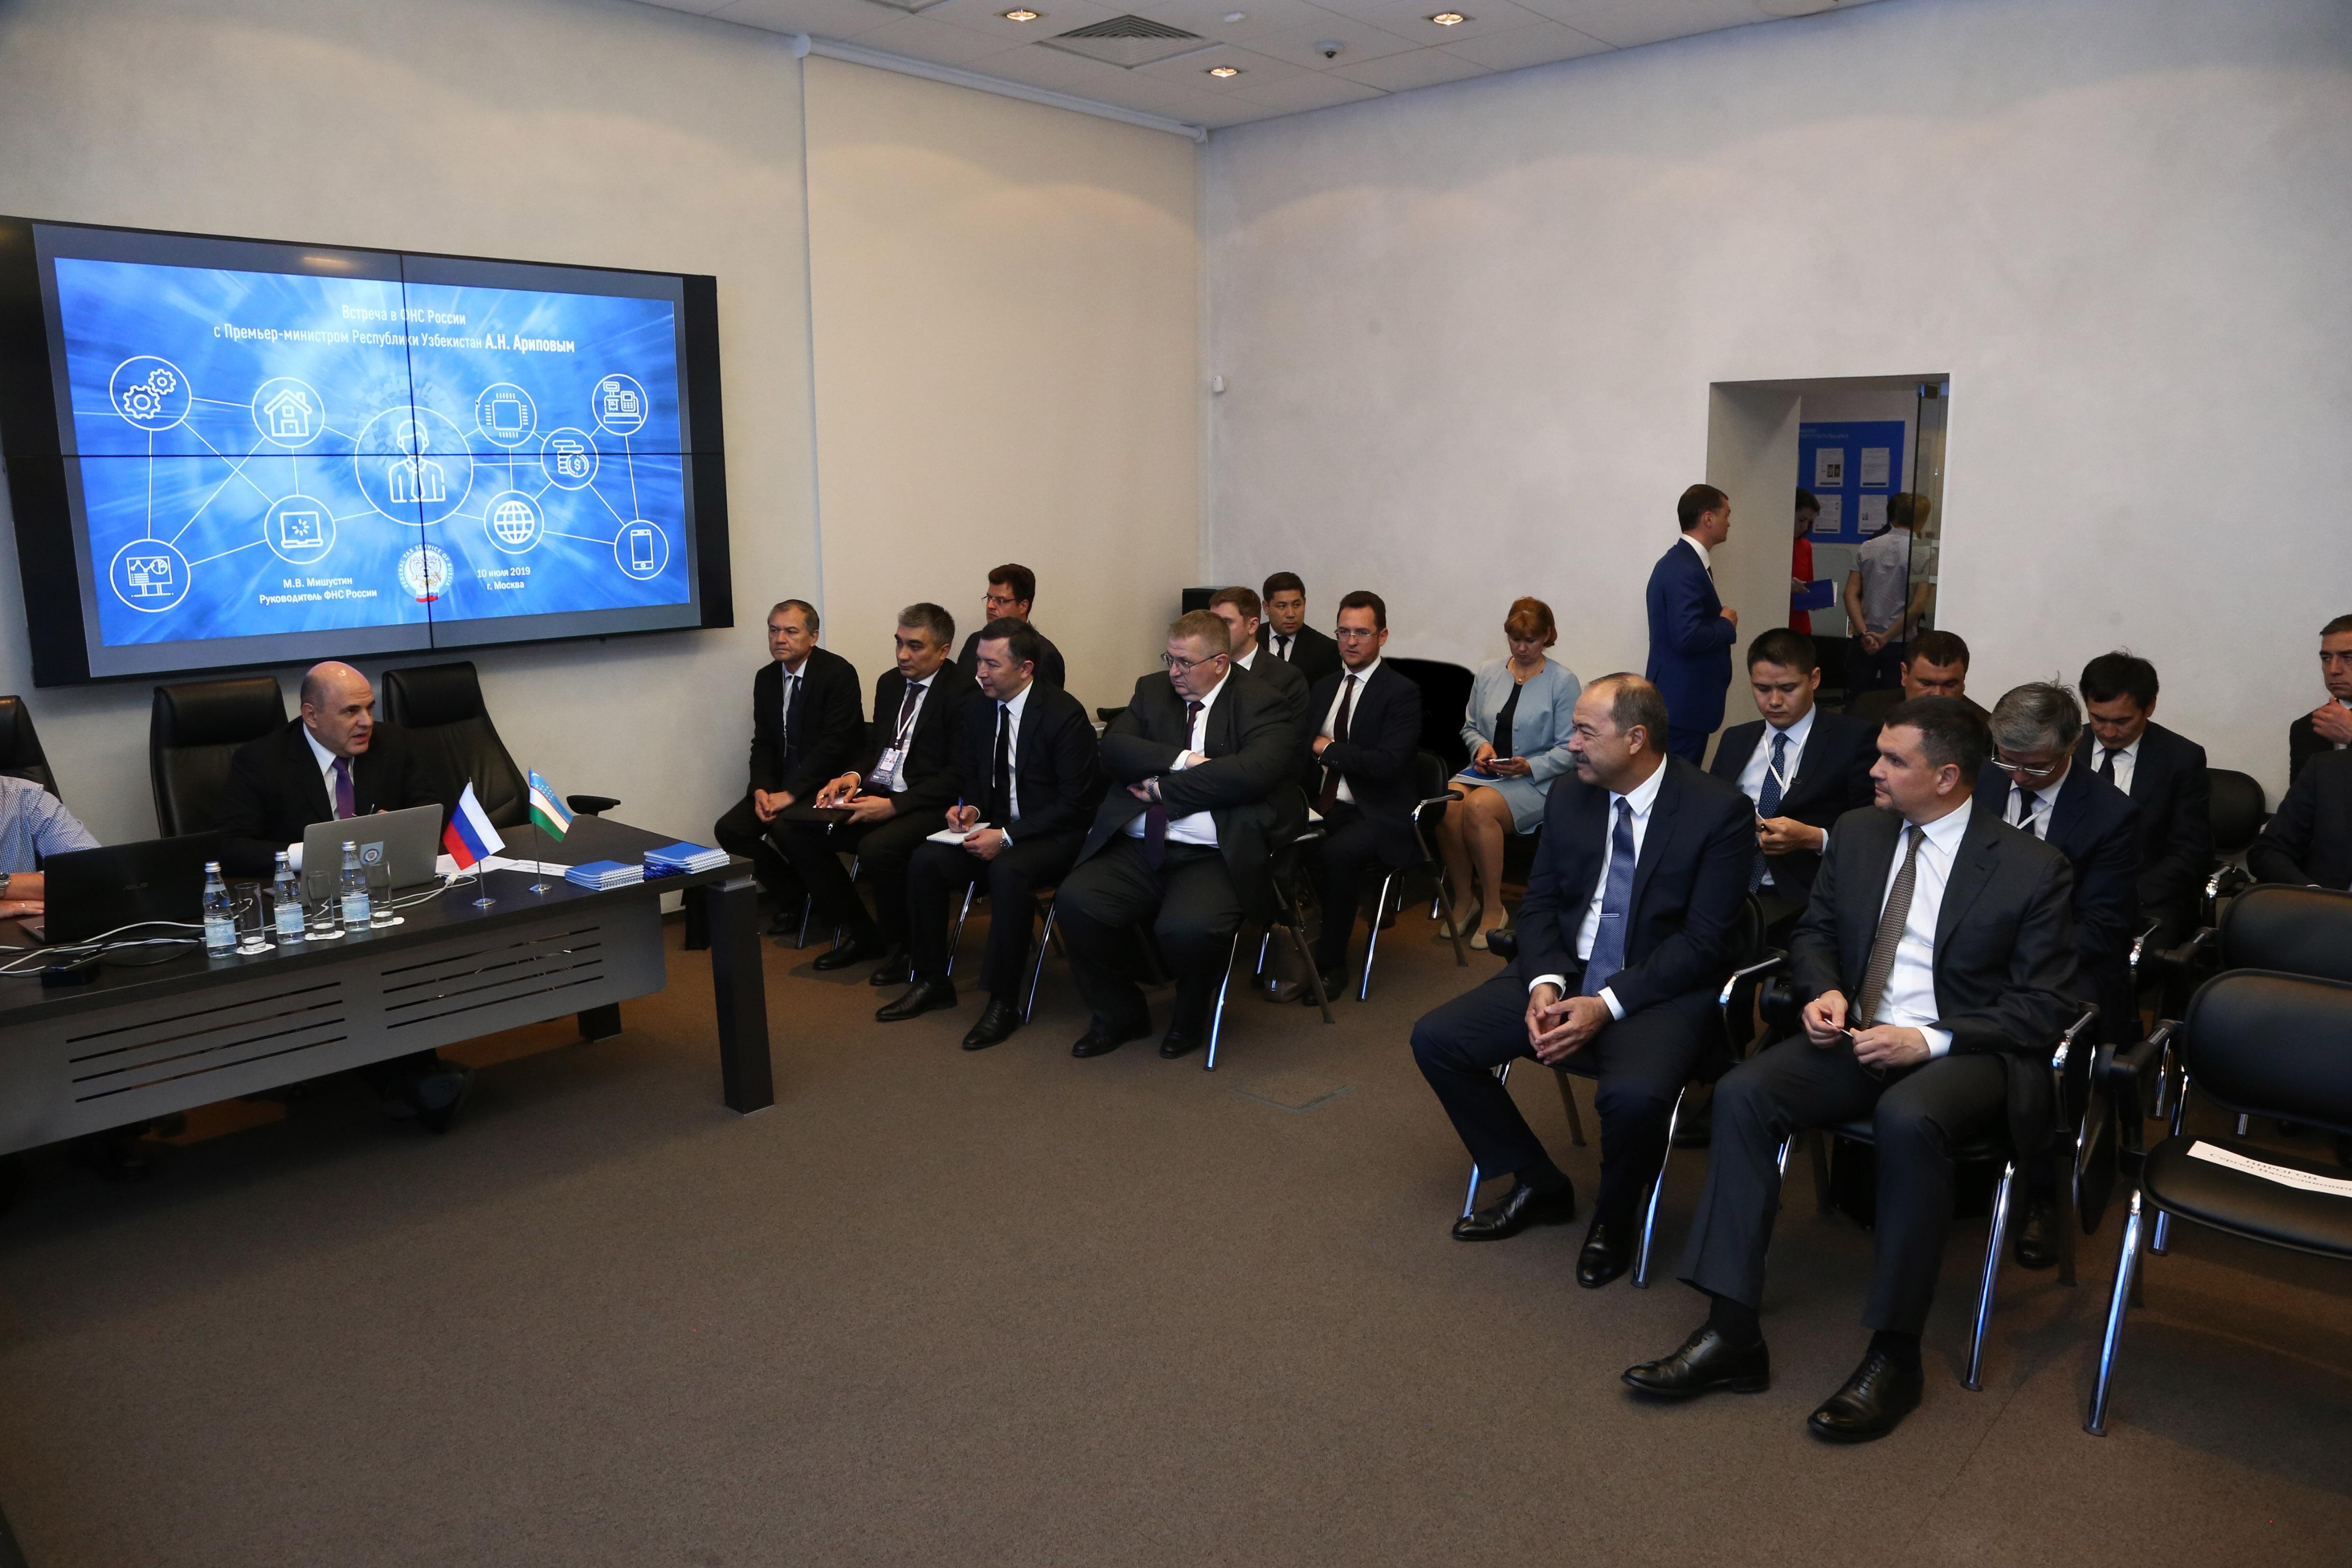 Премьер-министр Республики Узбекистан Абдулла Арипов и заместитель председателя Правительства Российской Федерации Максим Акимов посетили ФНС России